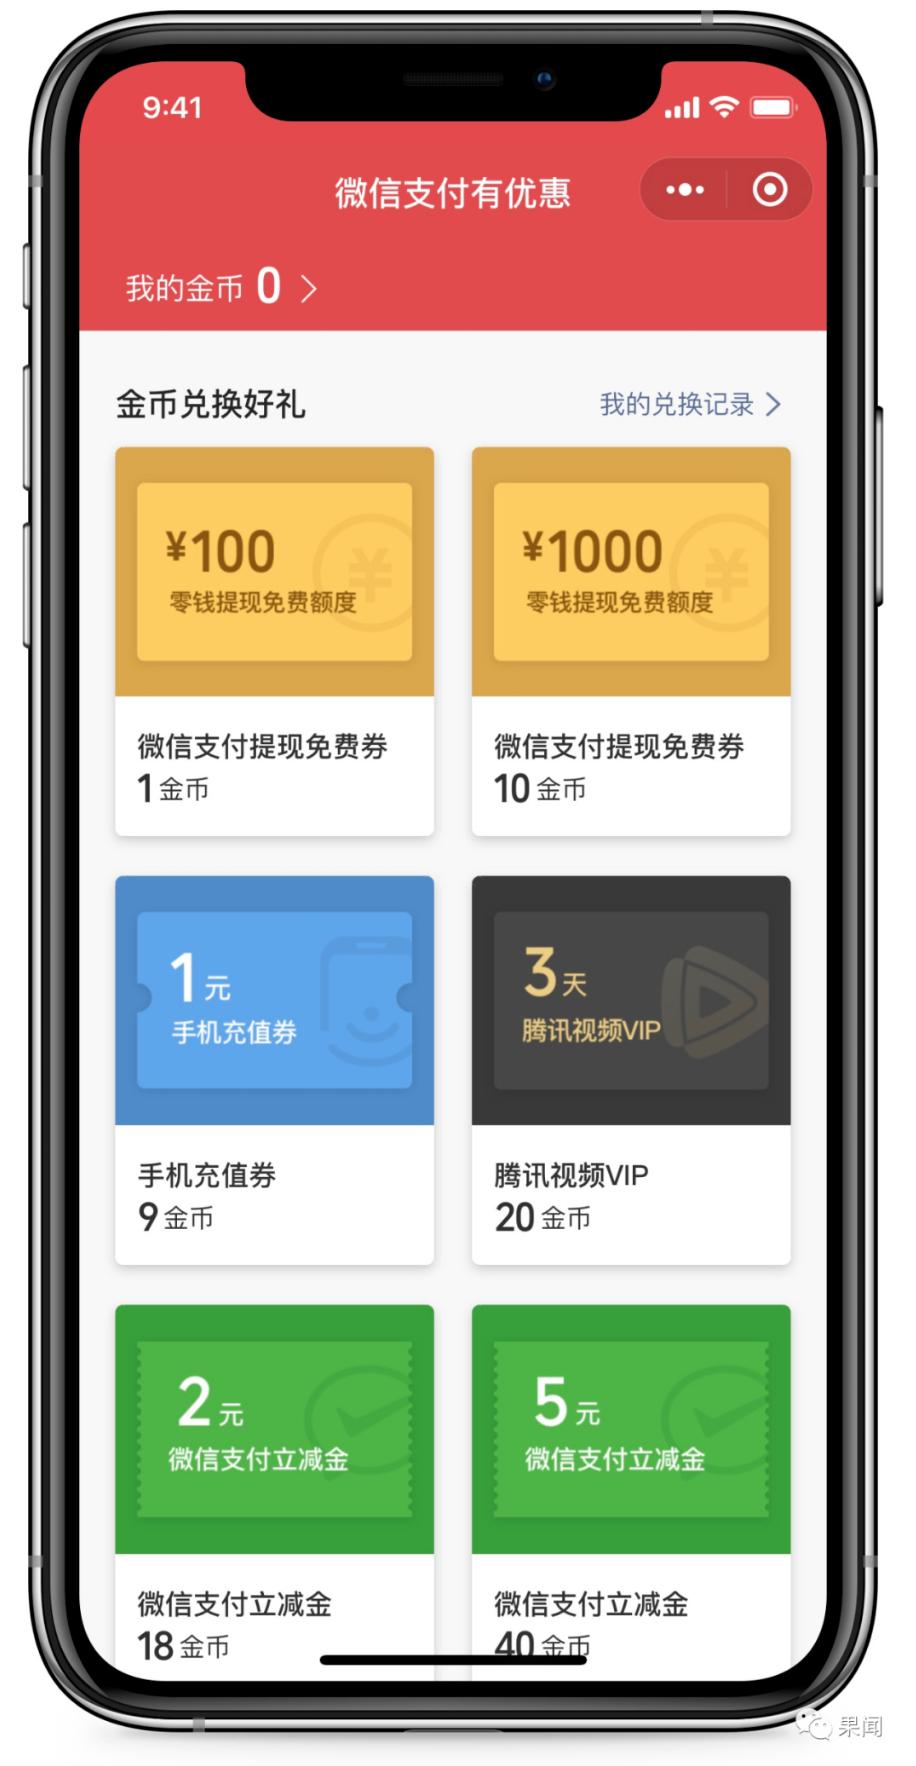 2020年微信免费提现 微信免手续费提现零钱技巧 liuliushe.net六六社 第4张